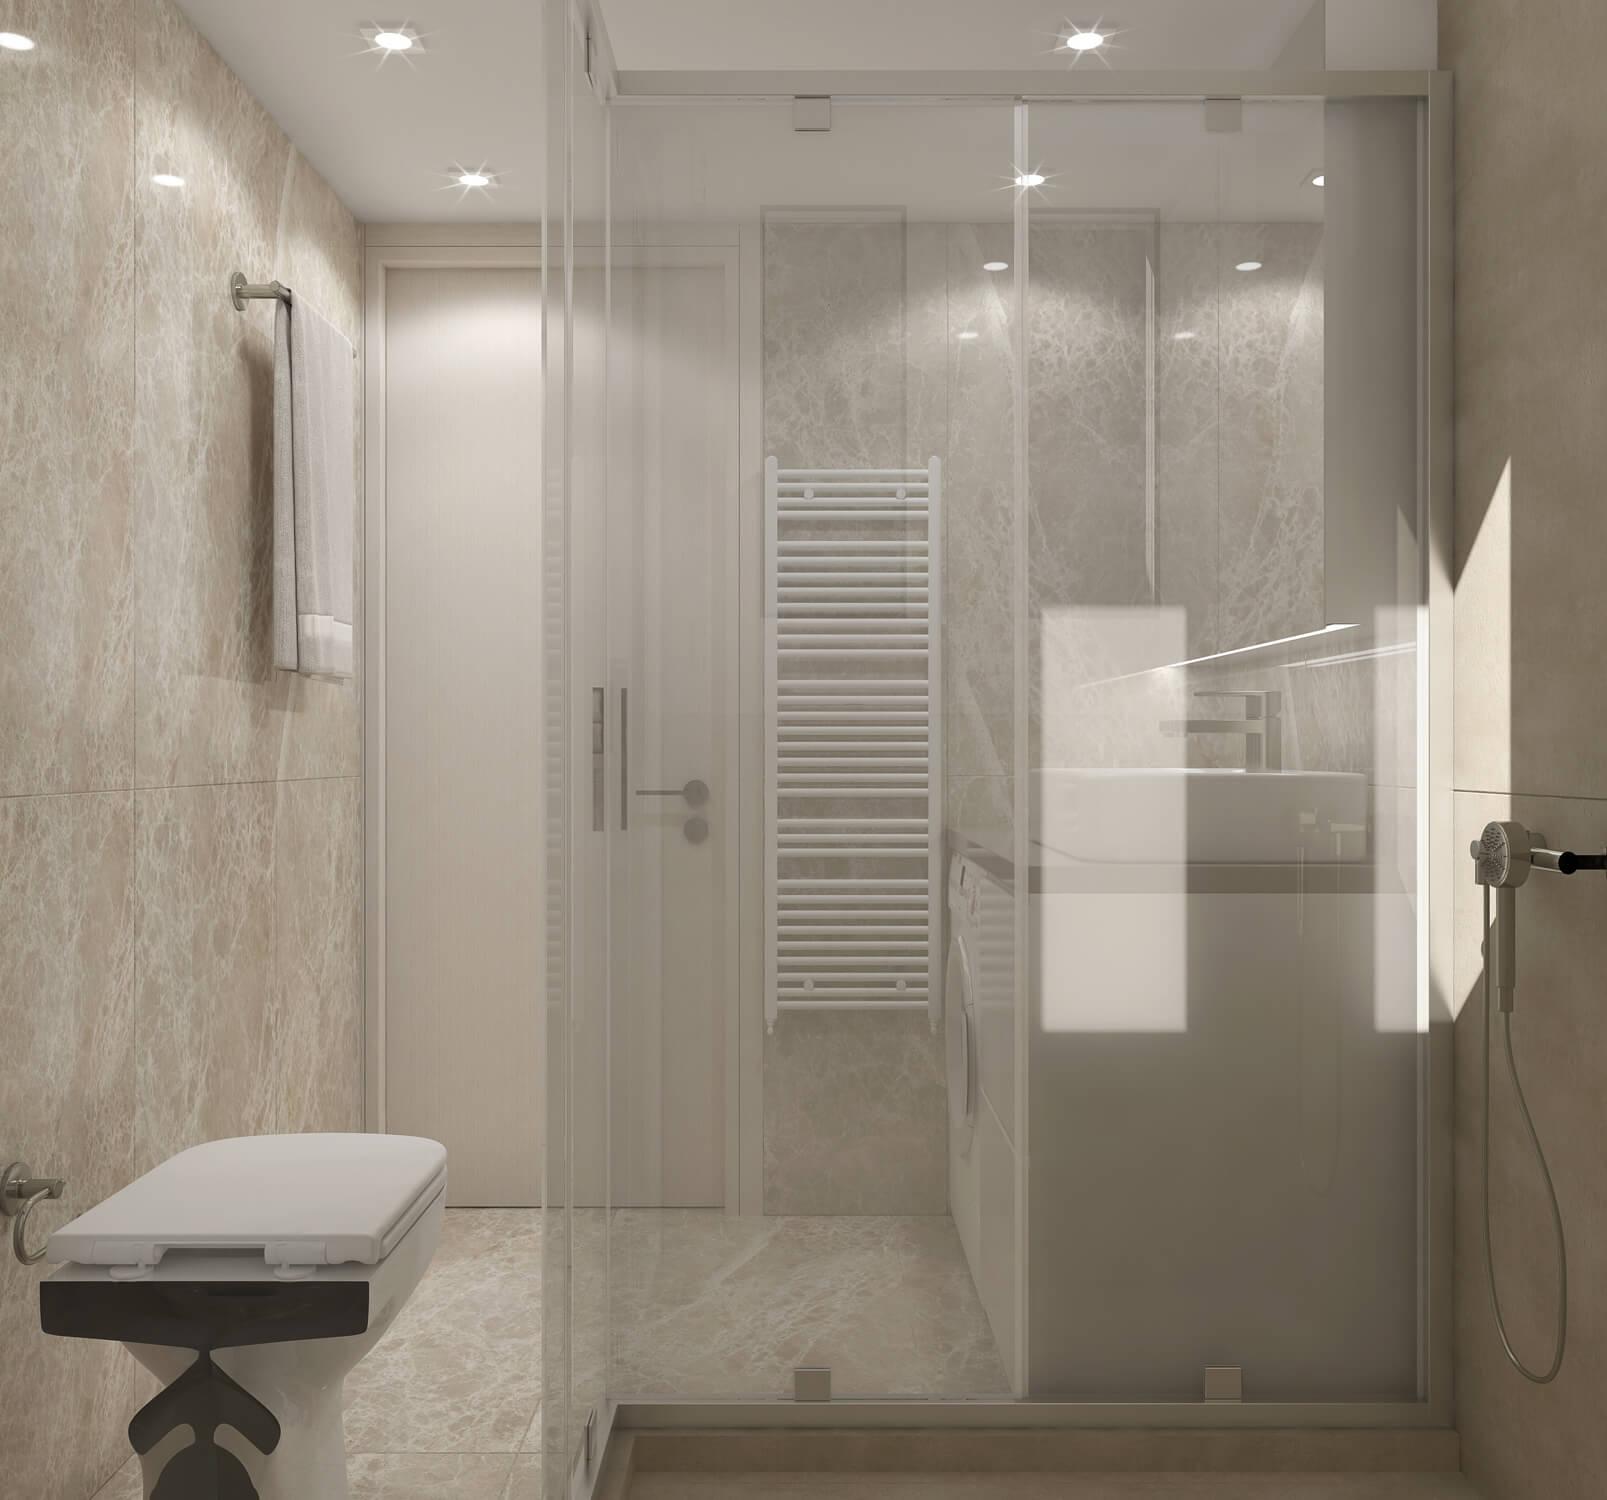 Ανακαίνιση Τρικούπη_Bathroom_04_20210113